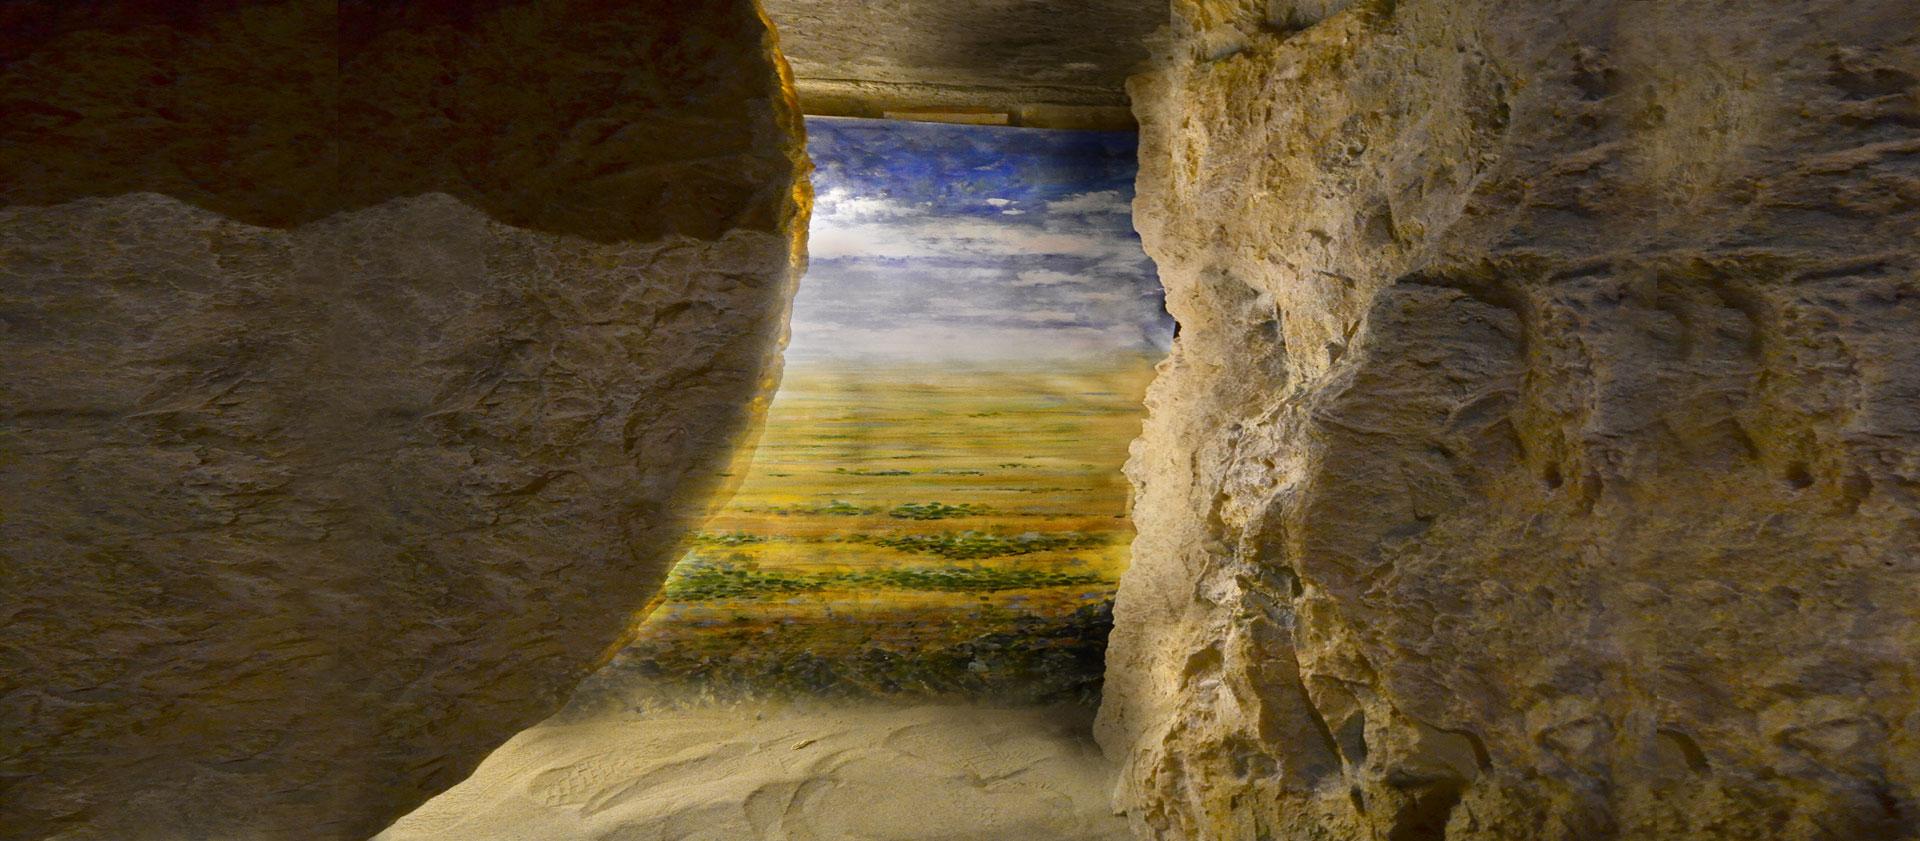 Áldott húsvéti örömöt kíván a Bibliamúzeum minden kedves látogatójának.